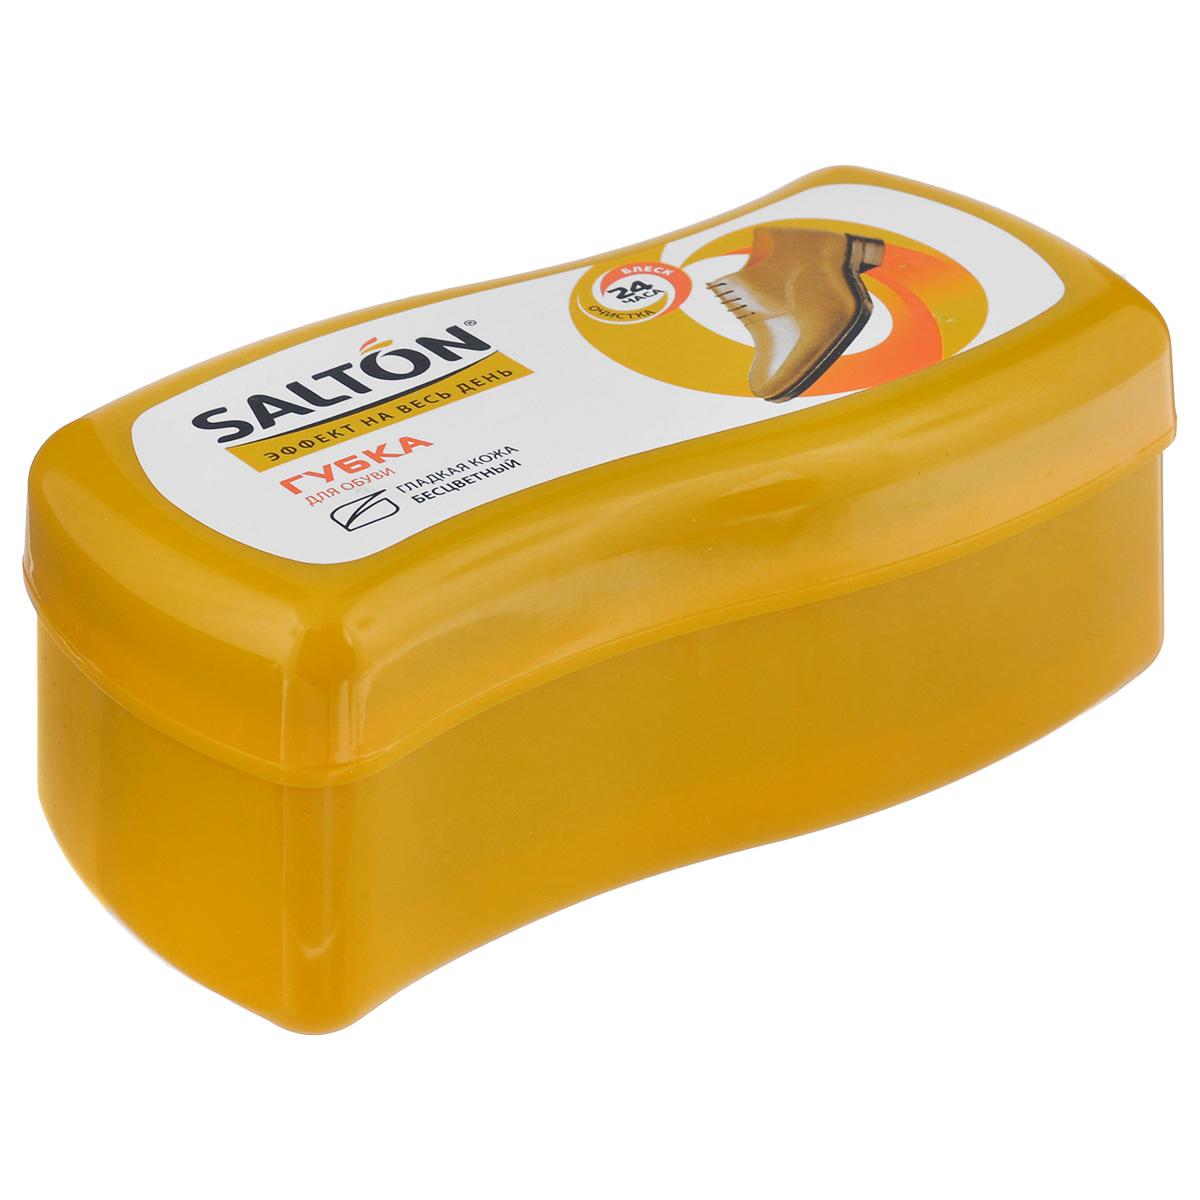 Губка Salton Волна для обуви из гладкой кожи, цвет: бесцветный, 7,5 х 3,5 х 3,5 см26258602Губка Salton Волна с норковым маслом предназначена для ухода за обувью из гладкой кожи, она придает ей естественный блеск. Не использовать для замши, нубука и текстиля. Размер: 7,5 см х 3,5 см х 3,5 см. Состав: пенополиуретан, силиконовое масло, норковое масло, воск, ланолин, отдушка. Товар сертифицирован.